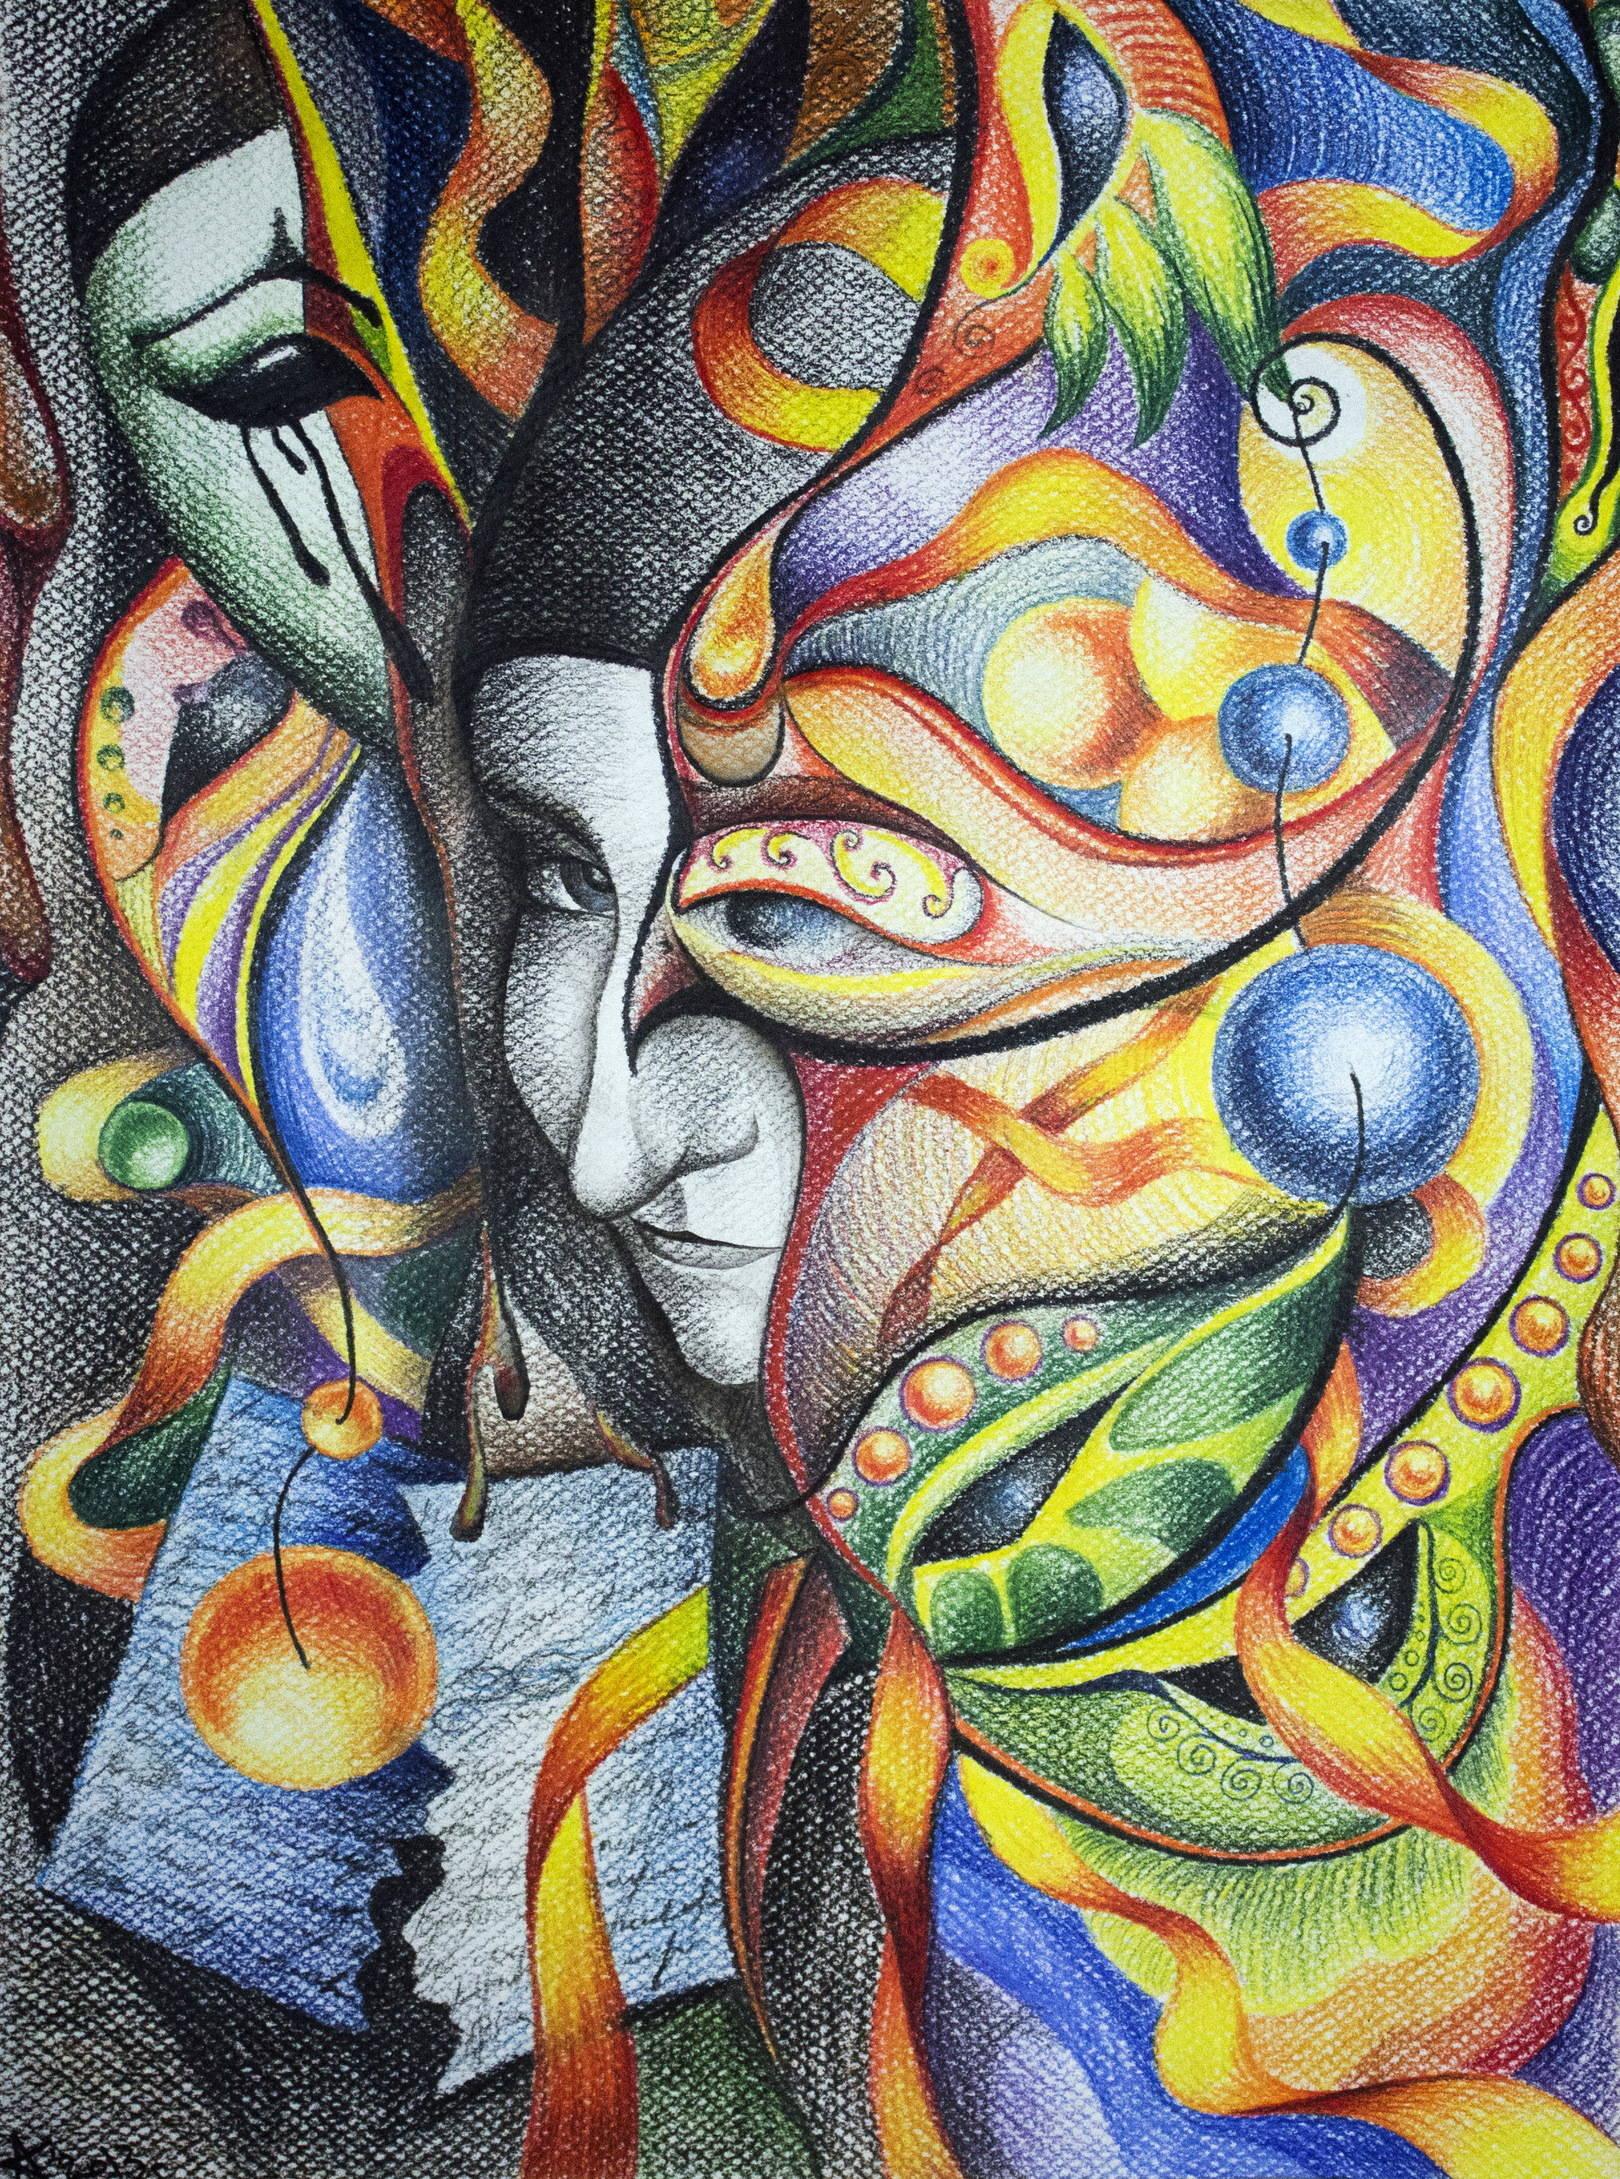 Закулисье. Пастельная бумага, цветные карандаши, 39х29, 2013